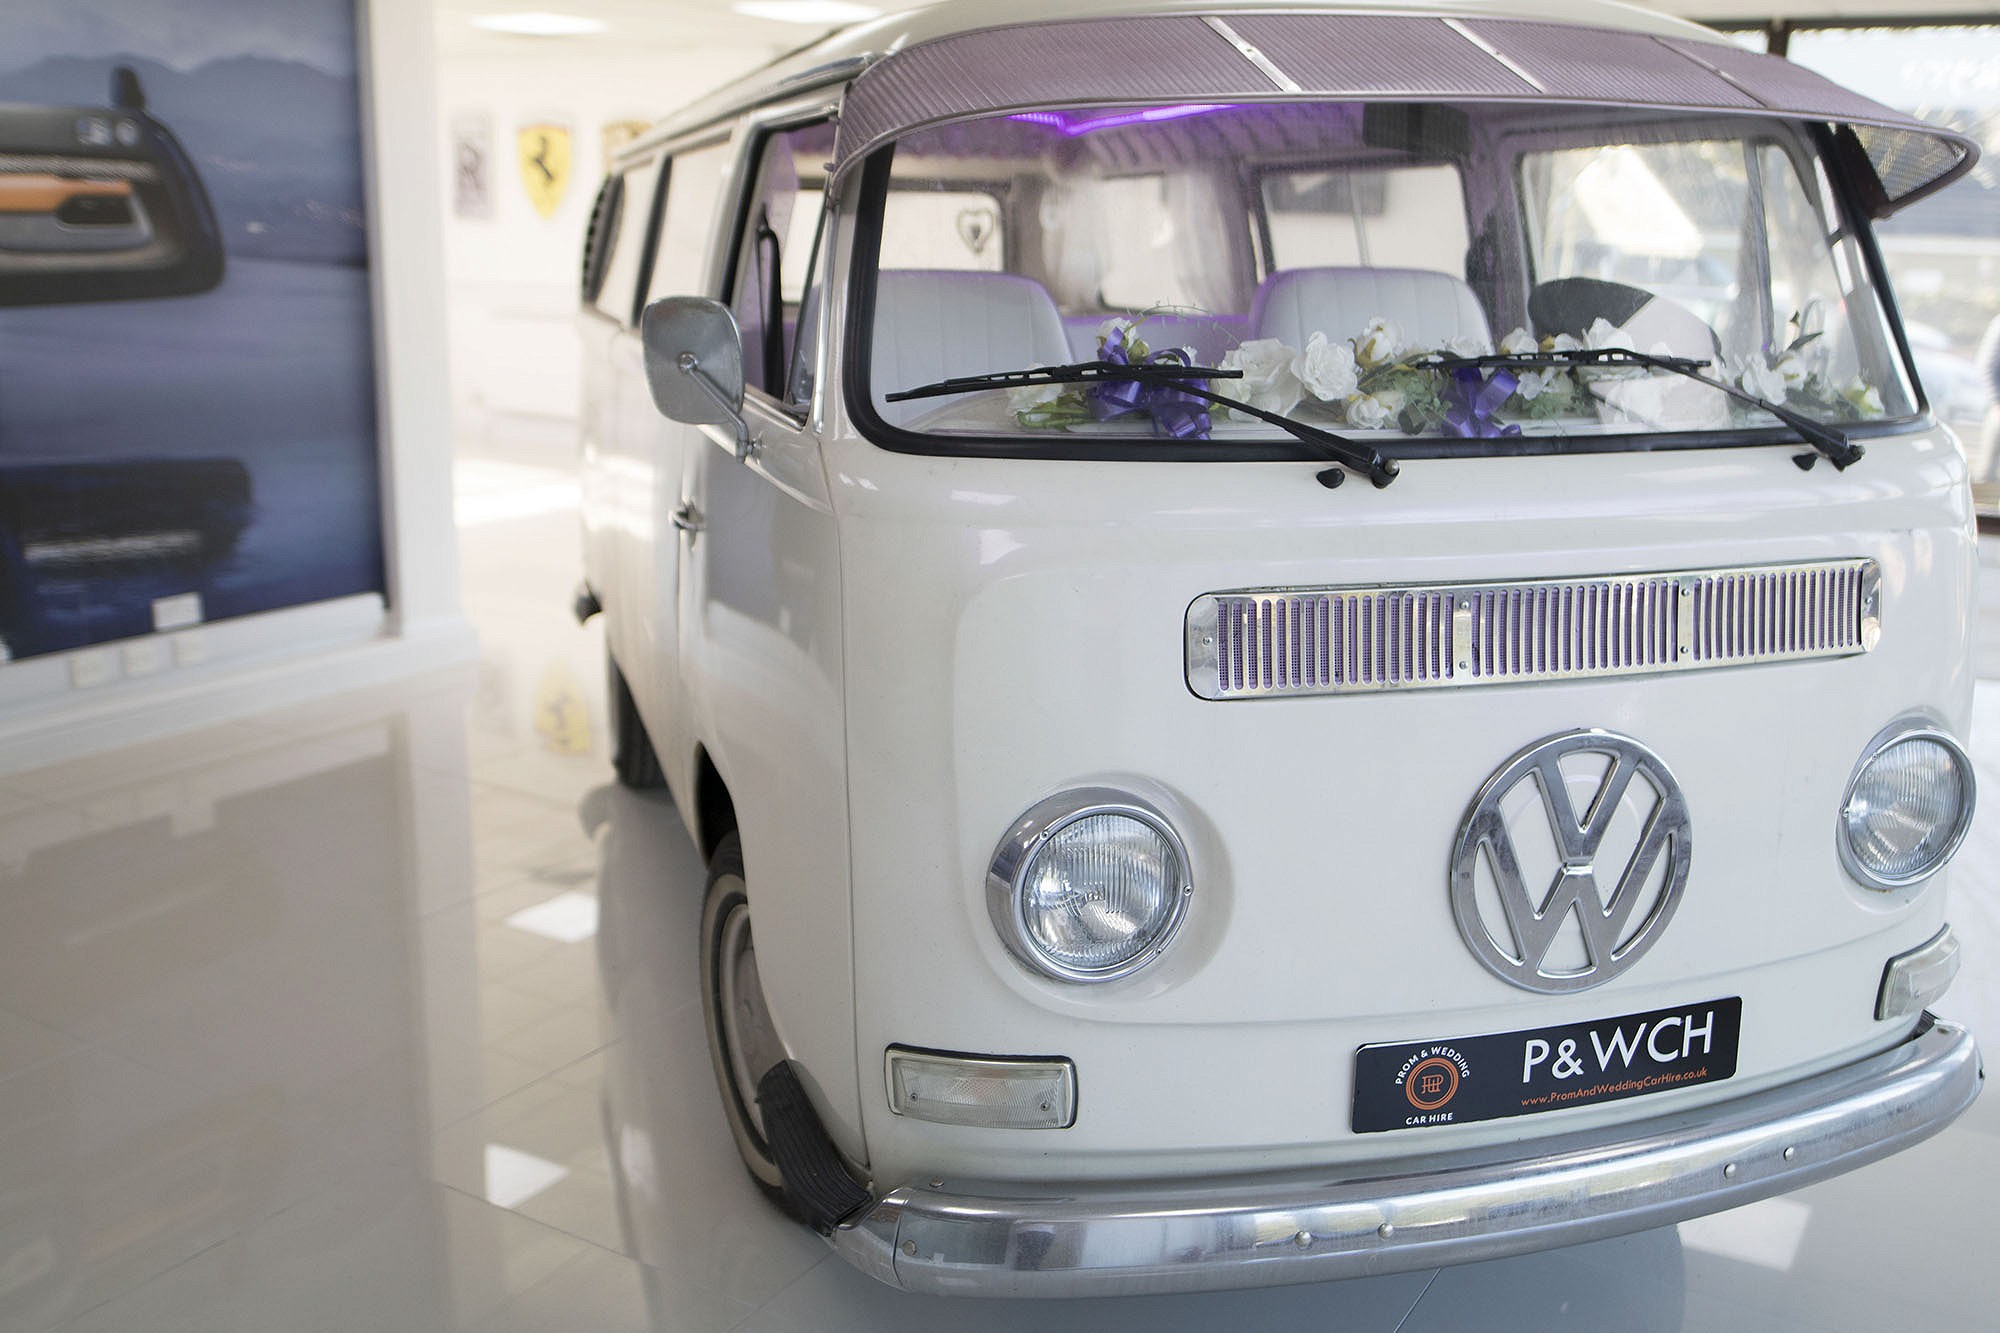 Vw Camper Van Prom Wedding Car Hire